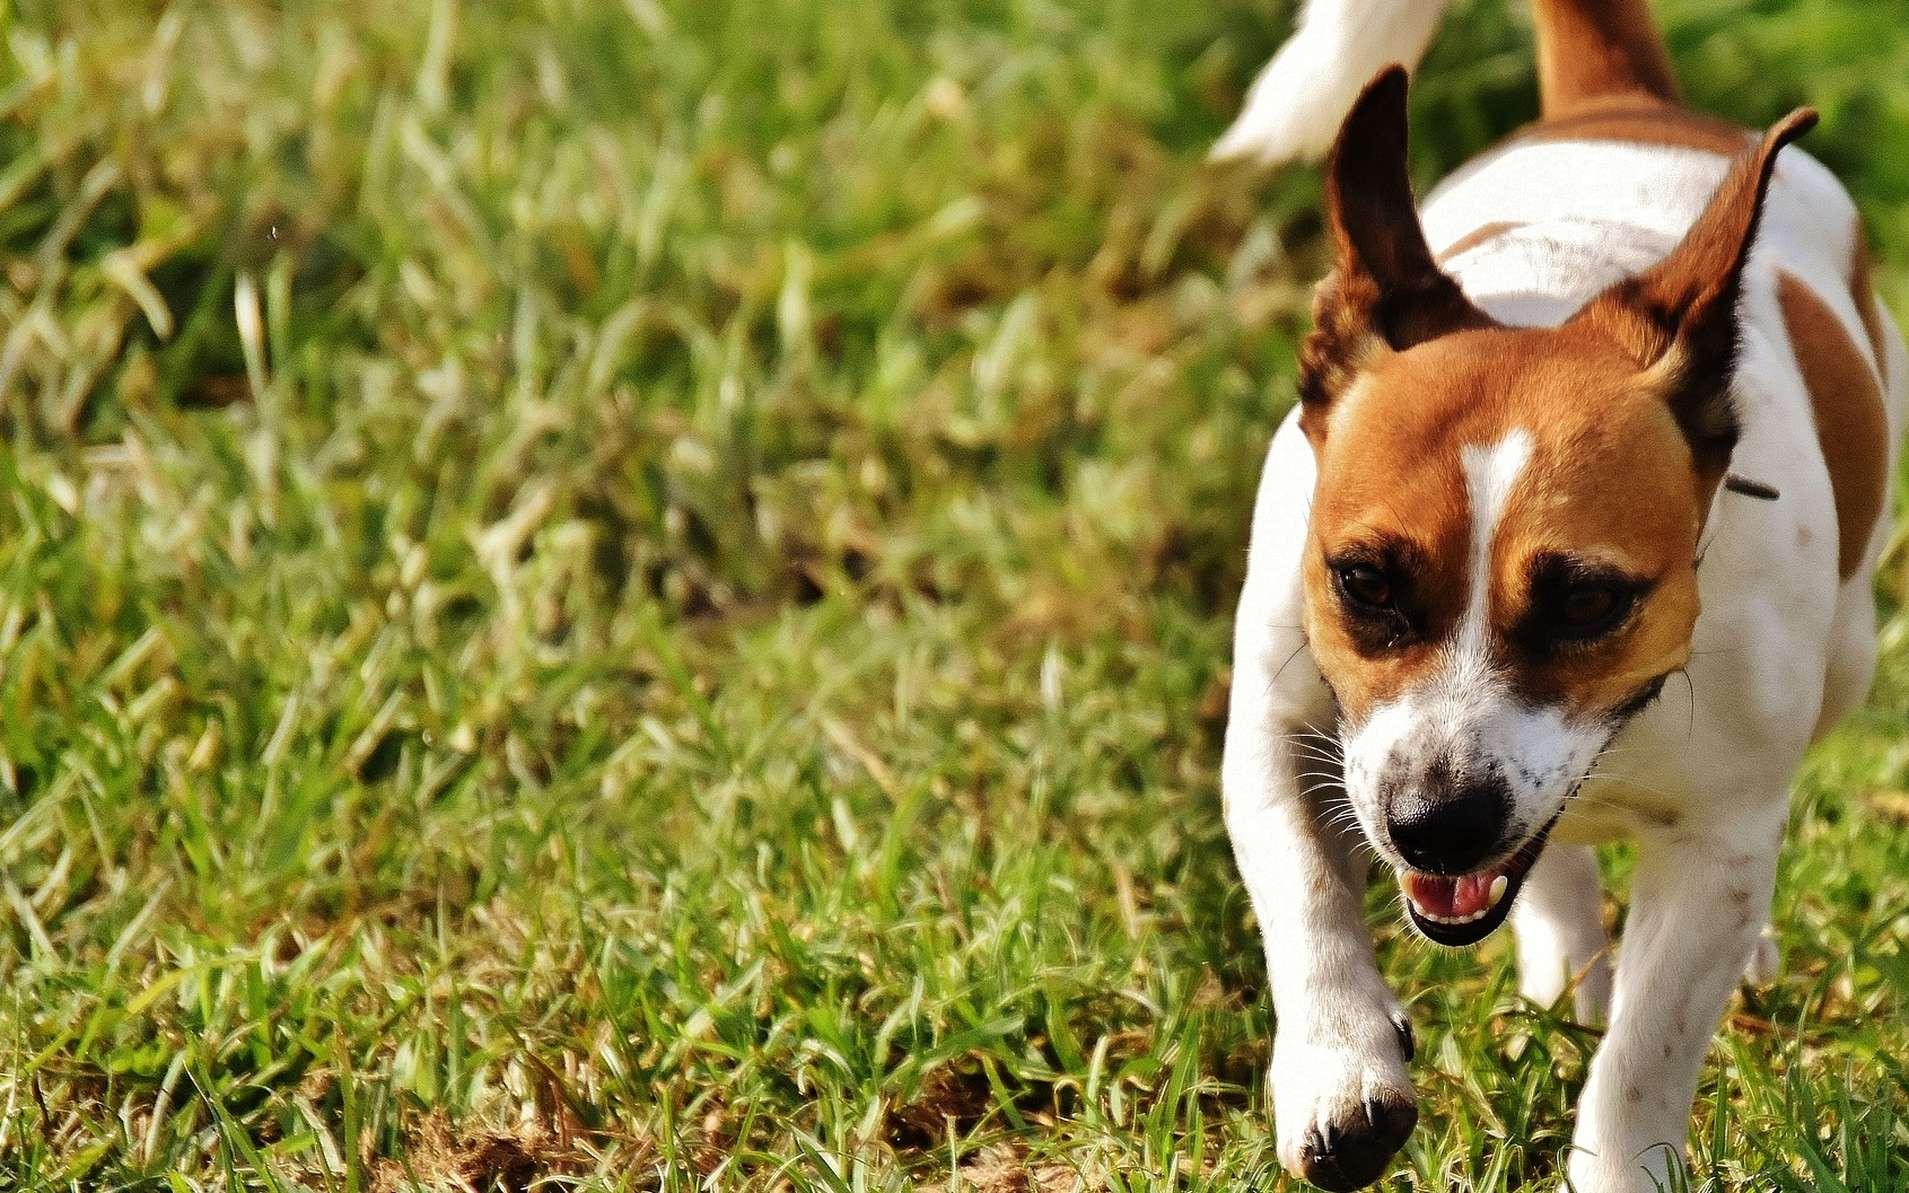 Le Jack Russel est un chien d'extérieur très actif. © Alexas_photos, Pixabay